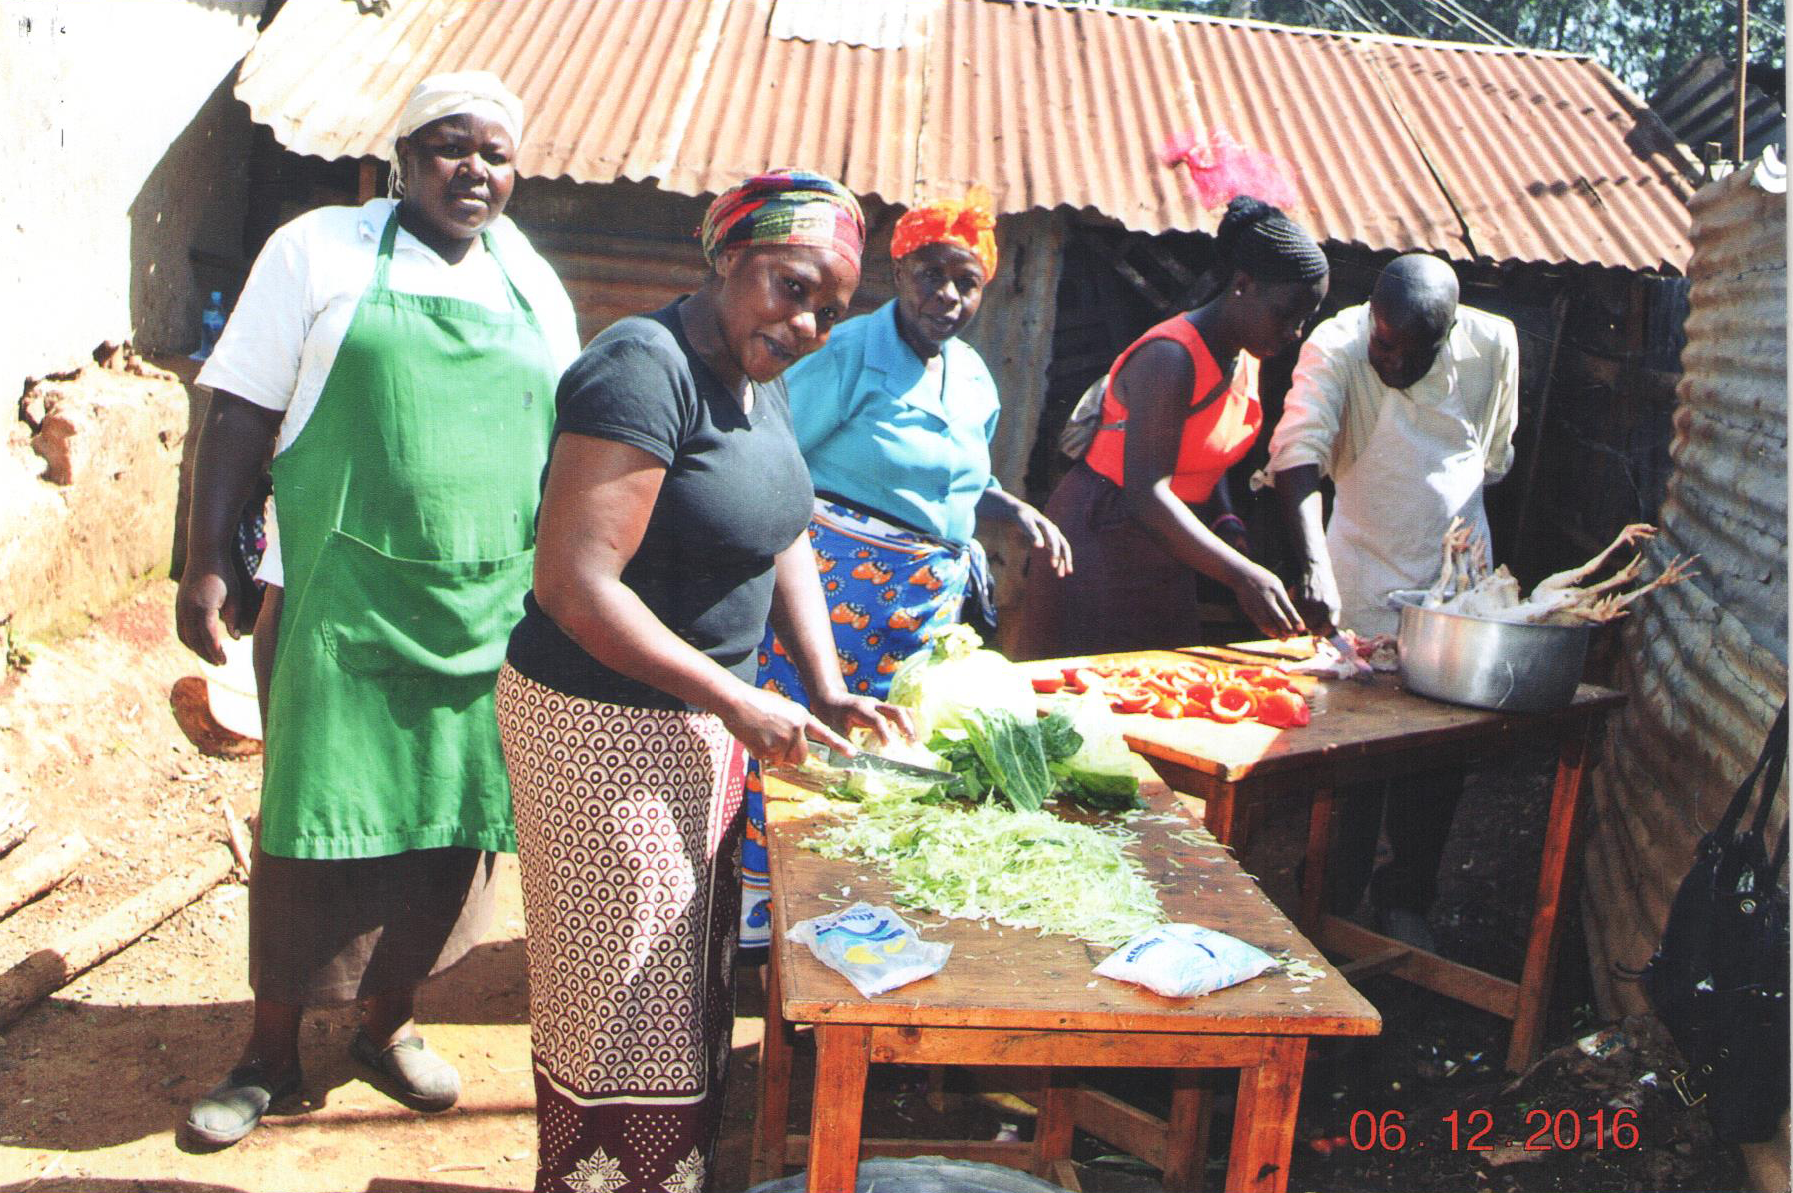 Cooking christmas dinner in Kibera